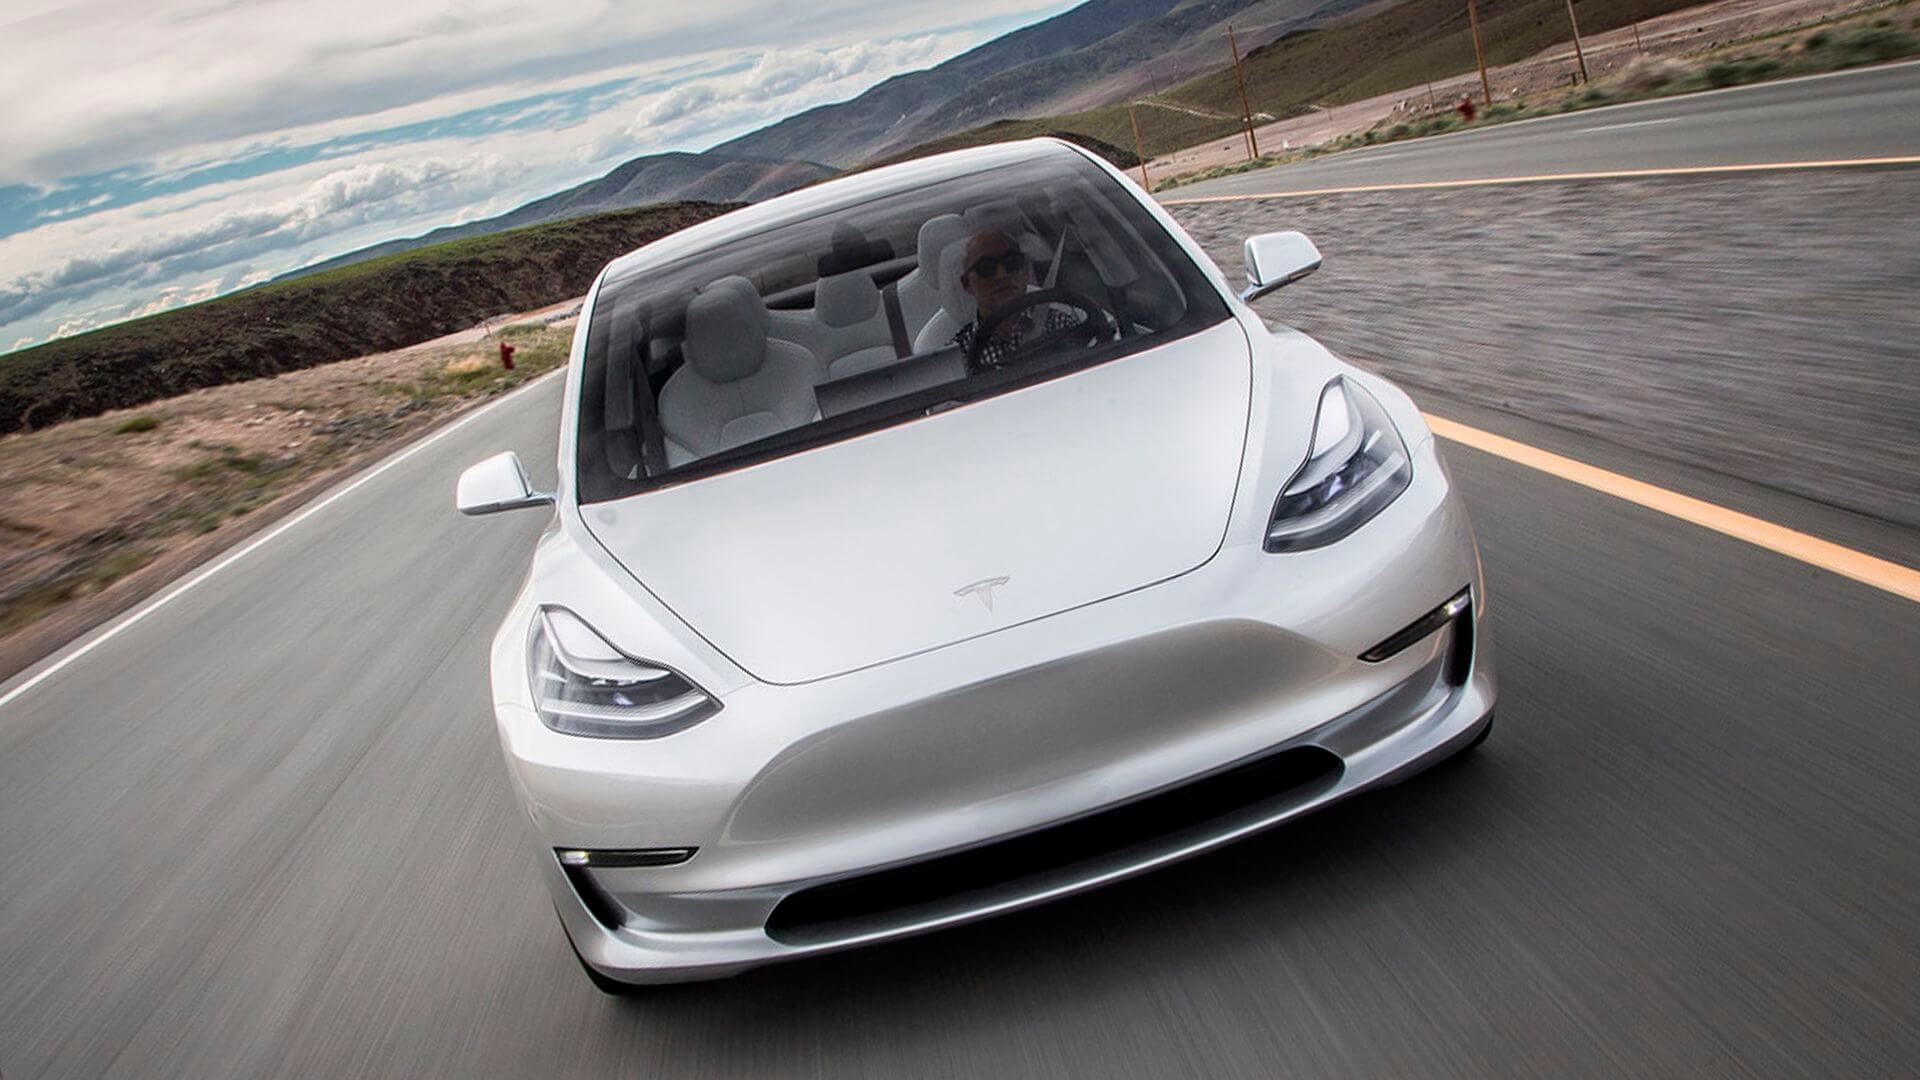 Самый ожидаемый и пока «проблемный» электромобиль компании Tesla Model 3